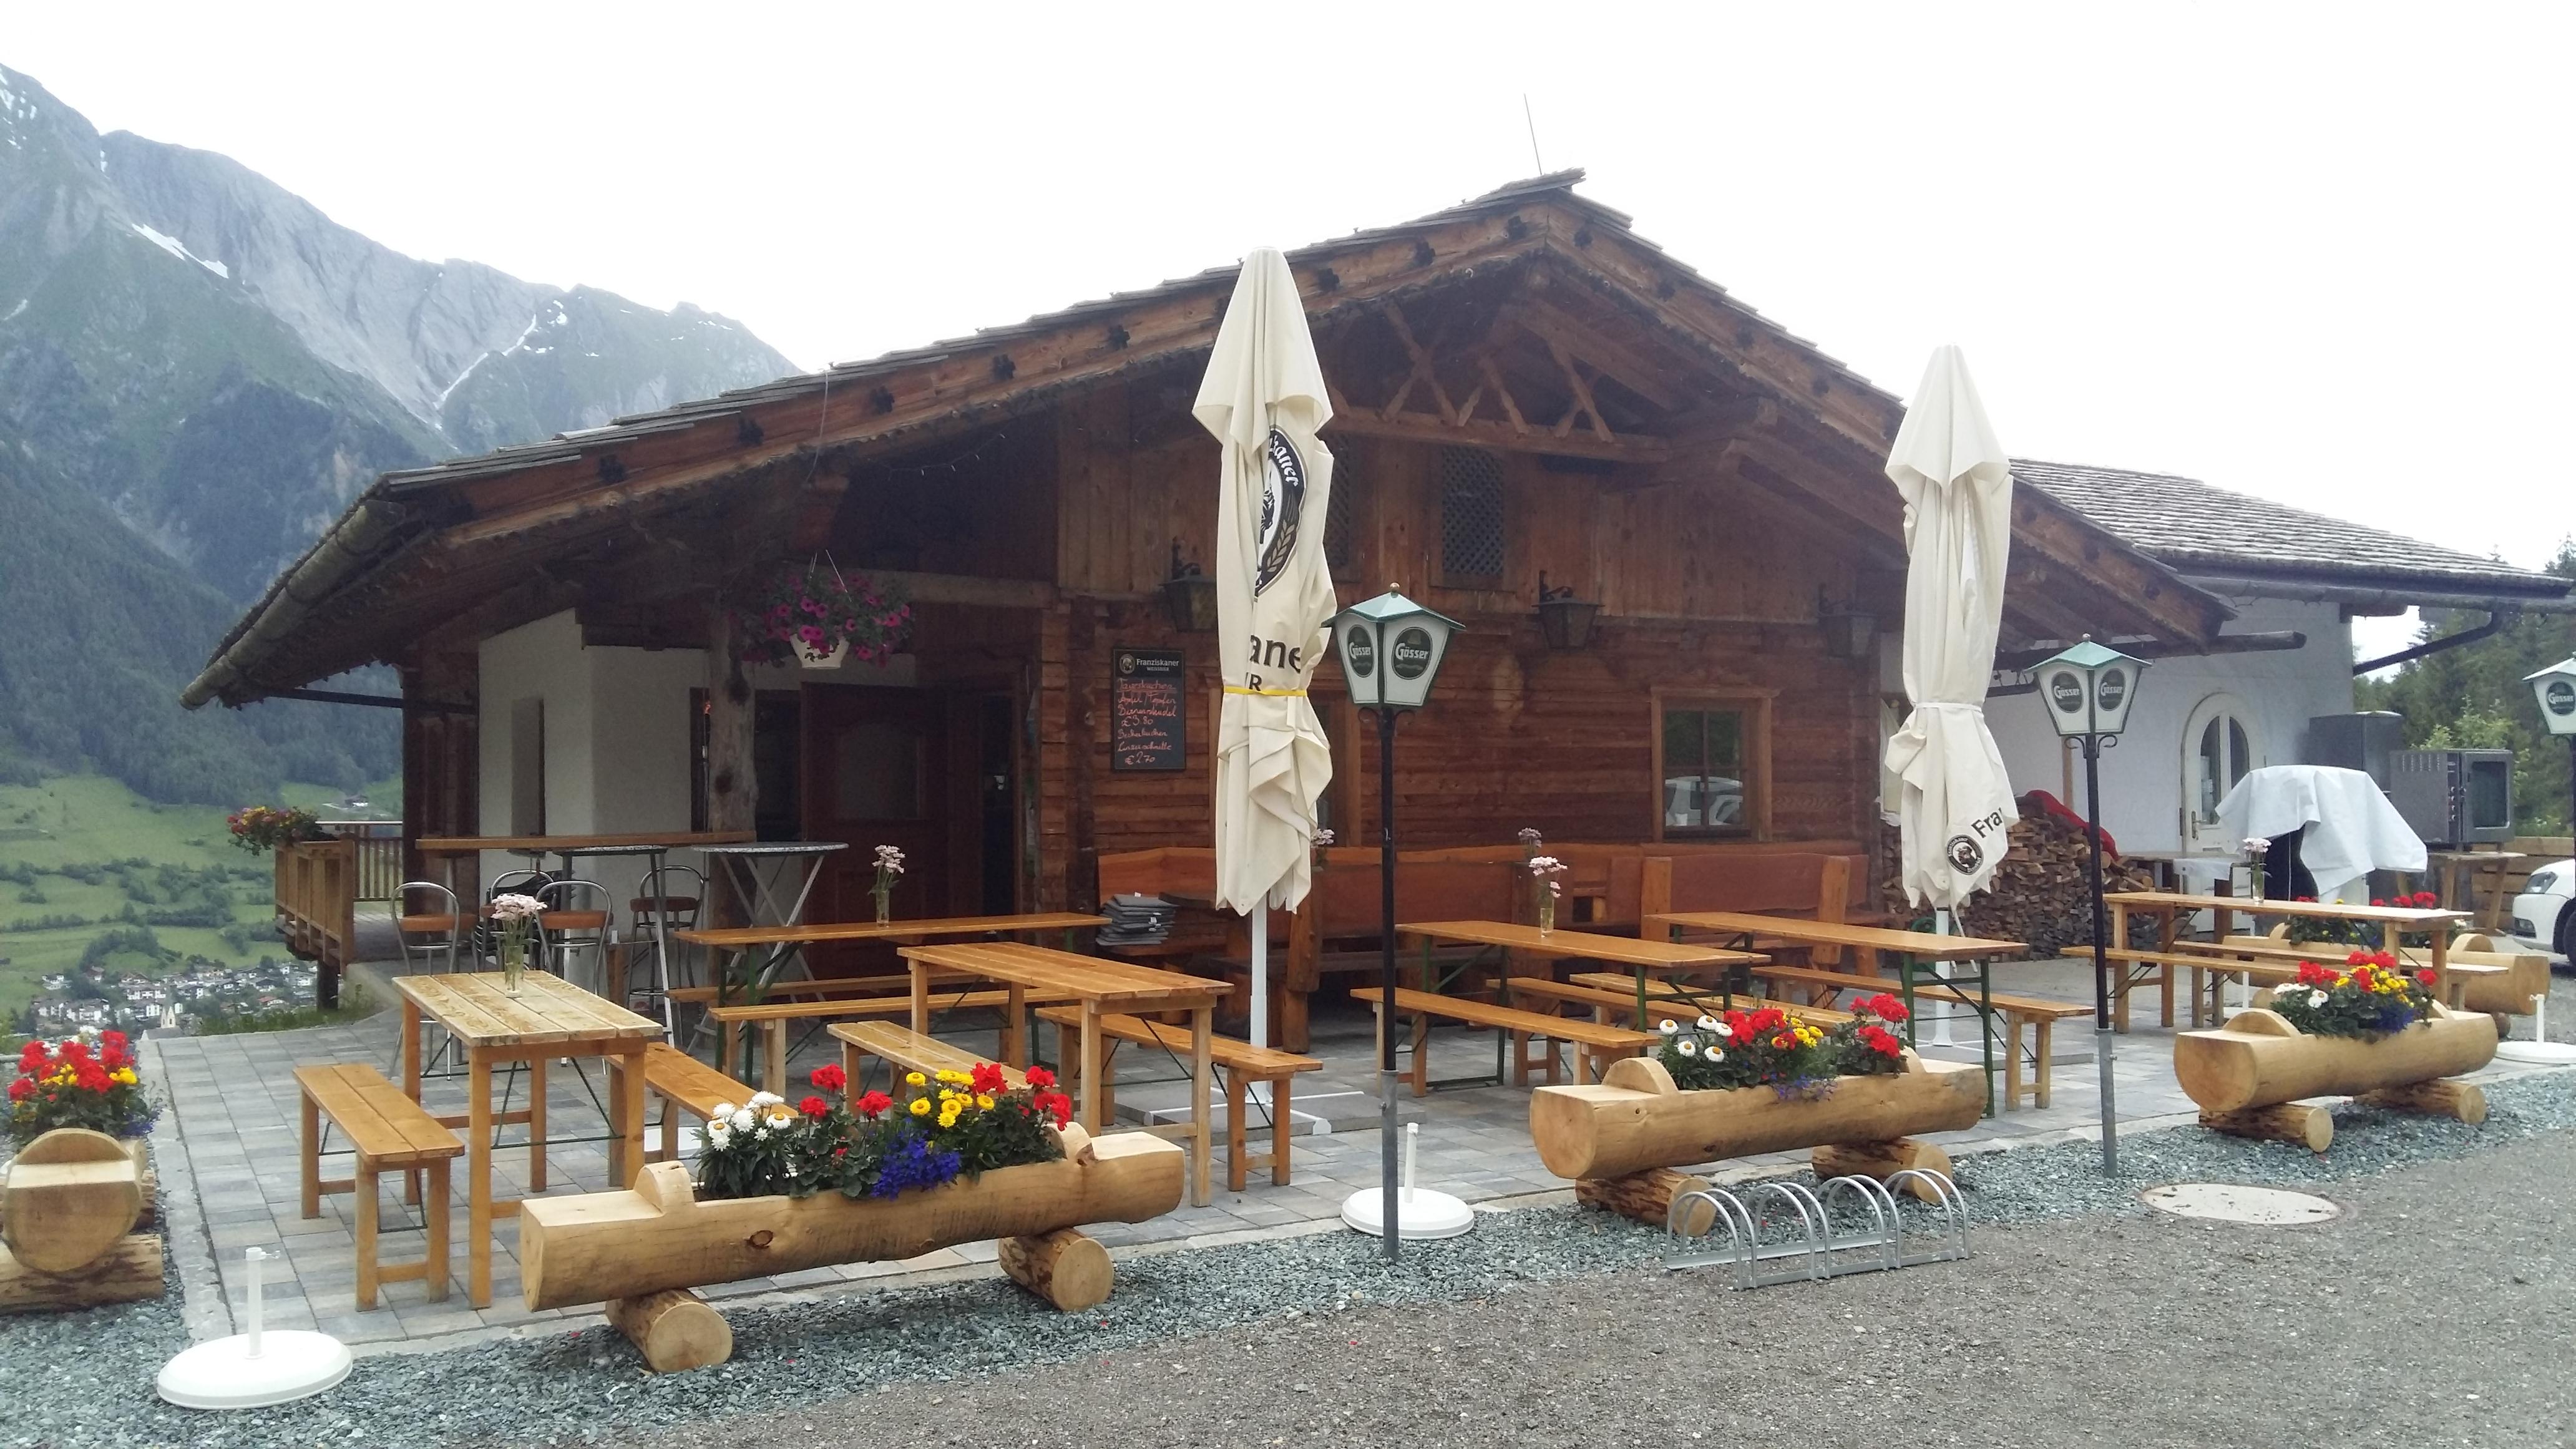 Würfele Hütte